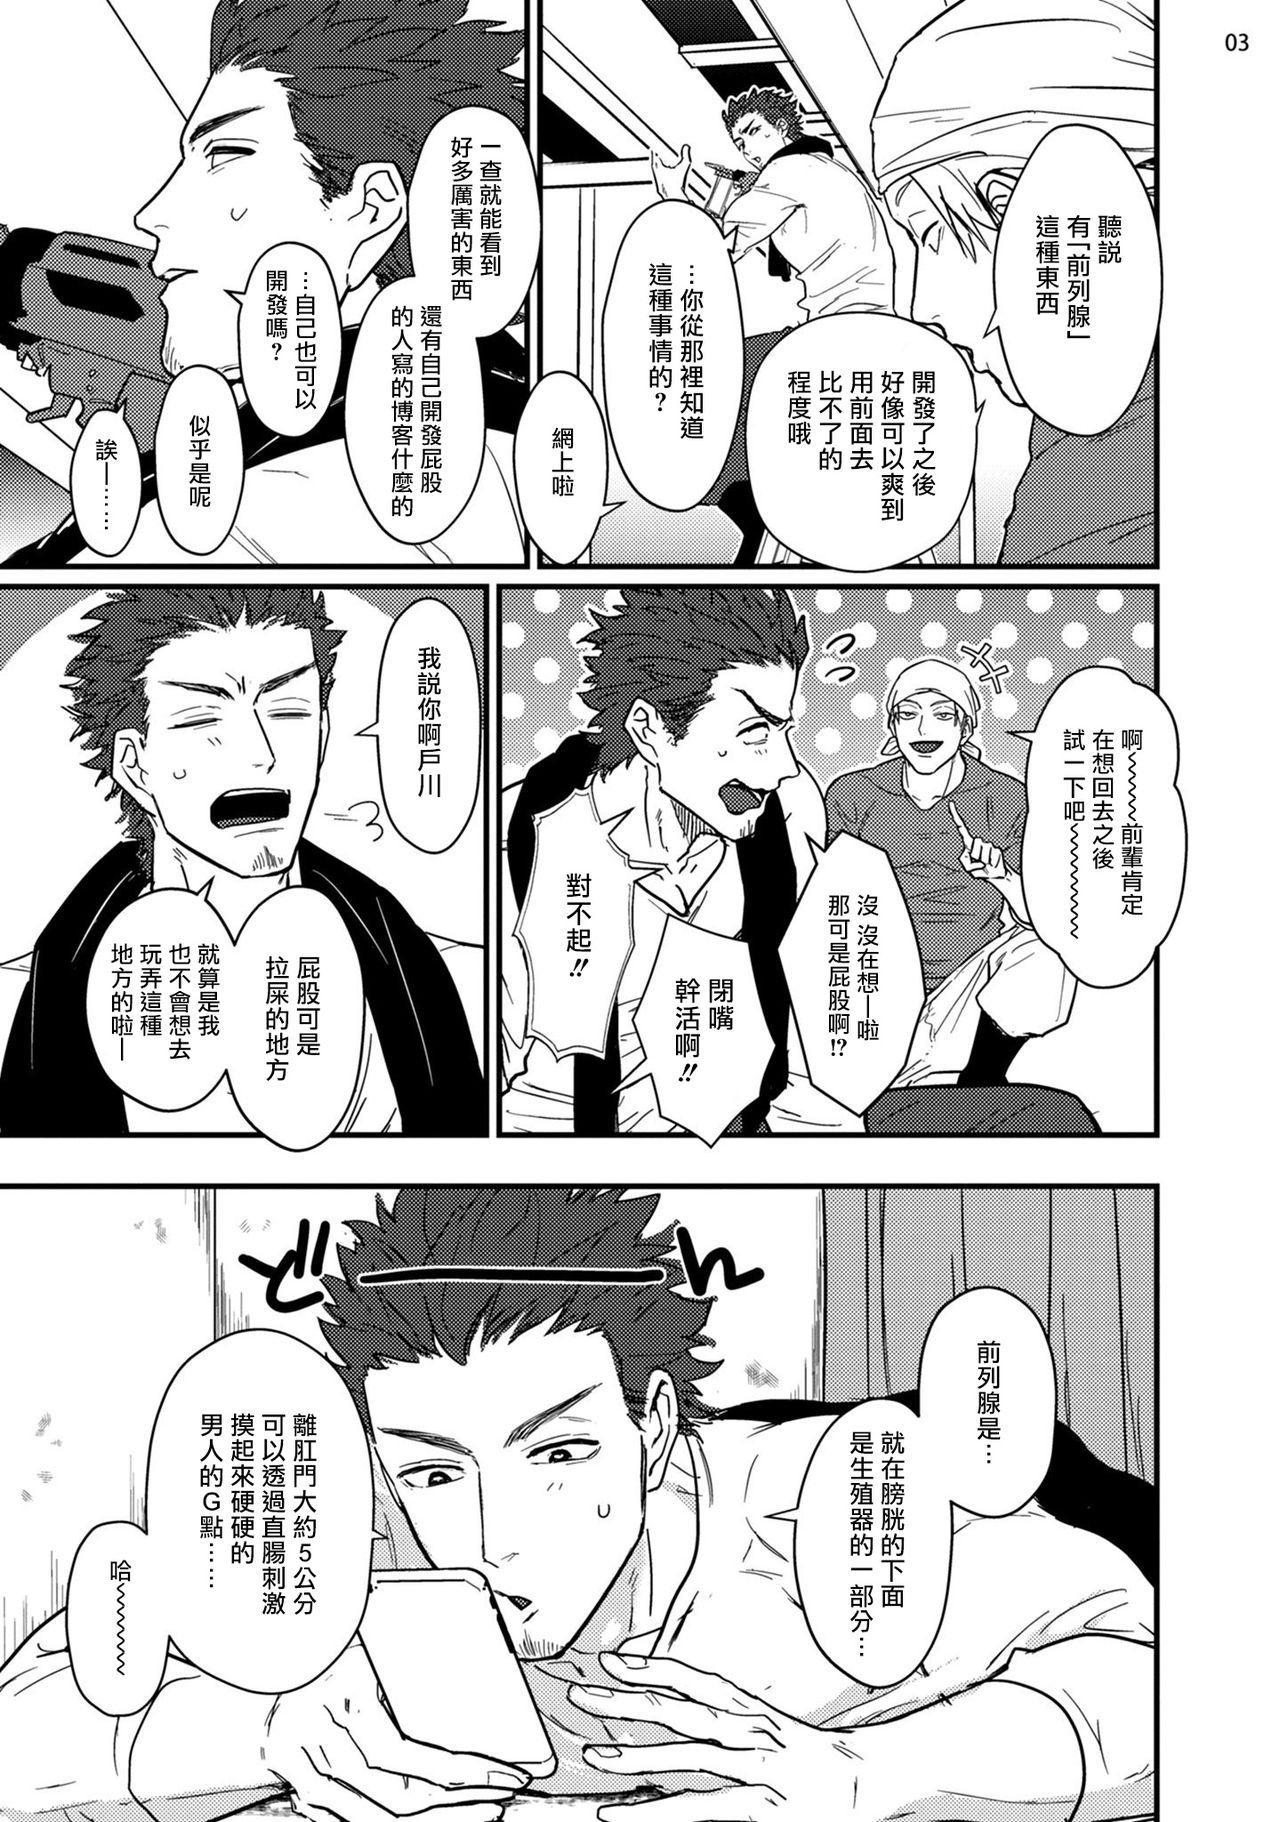 Sensei Shokushin Shite Kudasai | 医生请帮我触诊 1-2 3